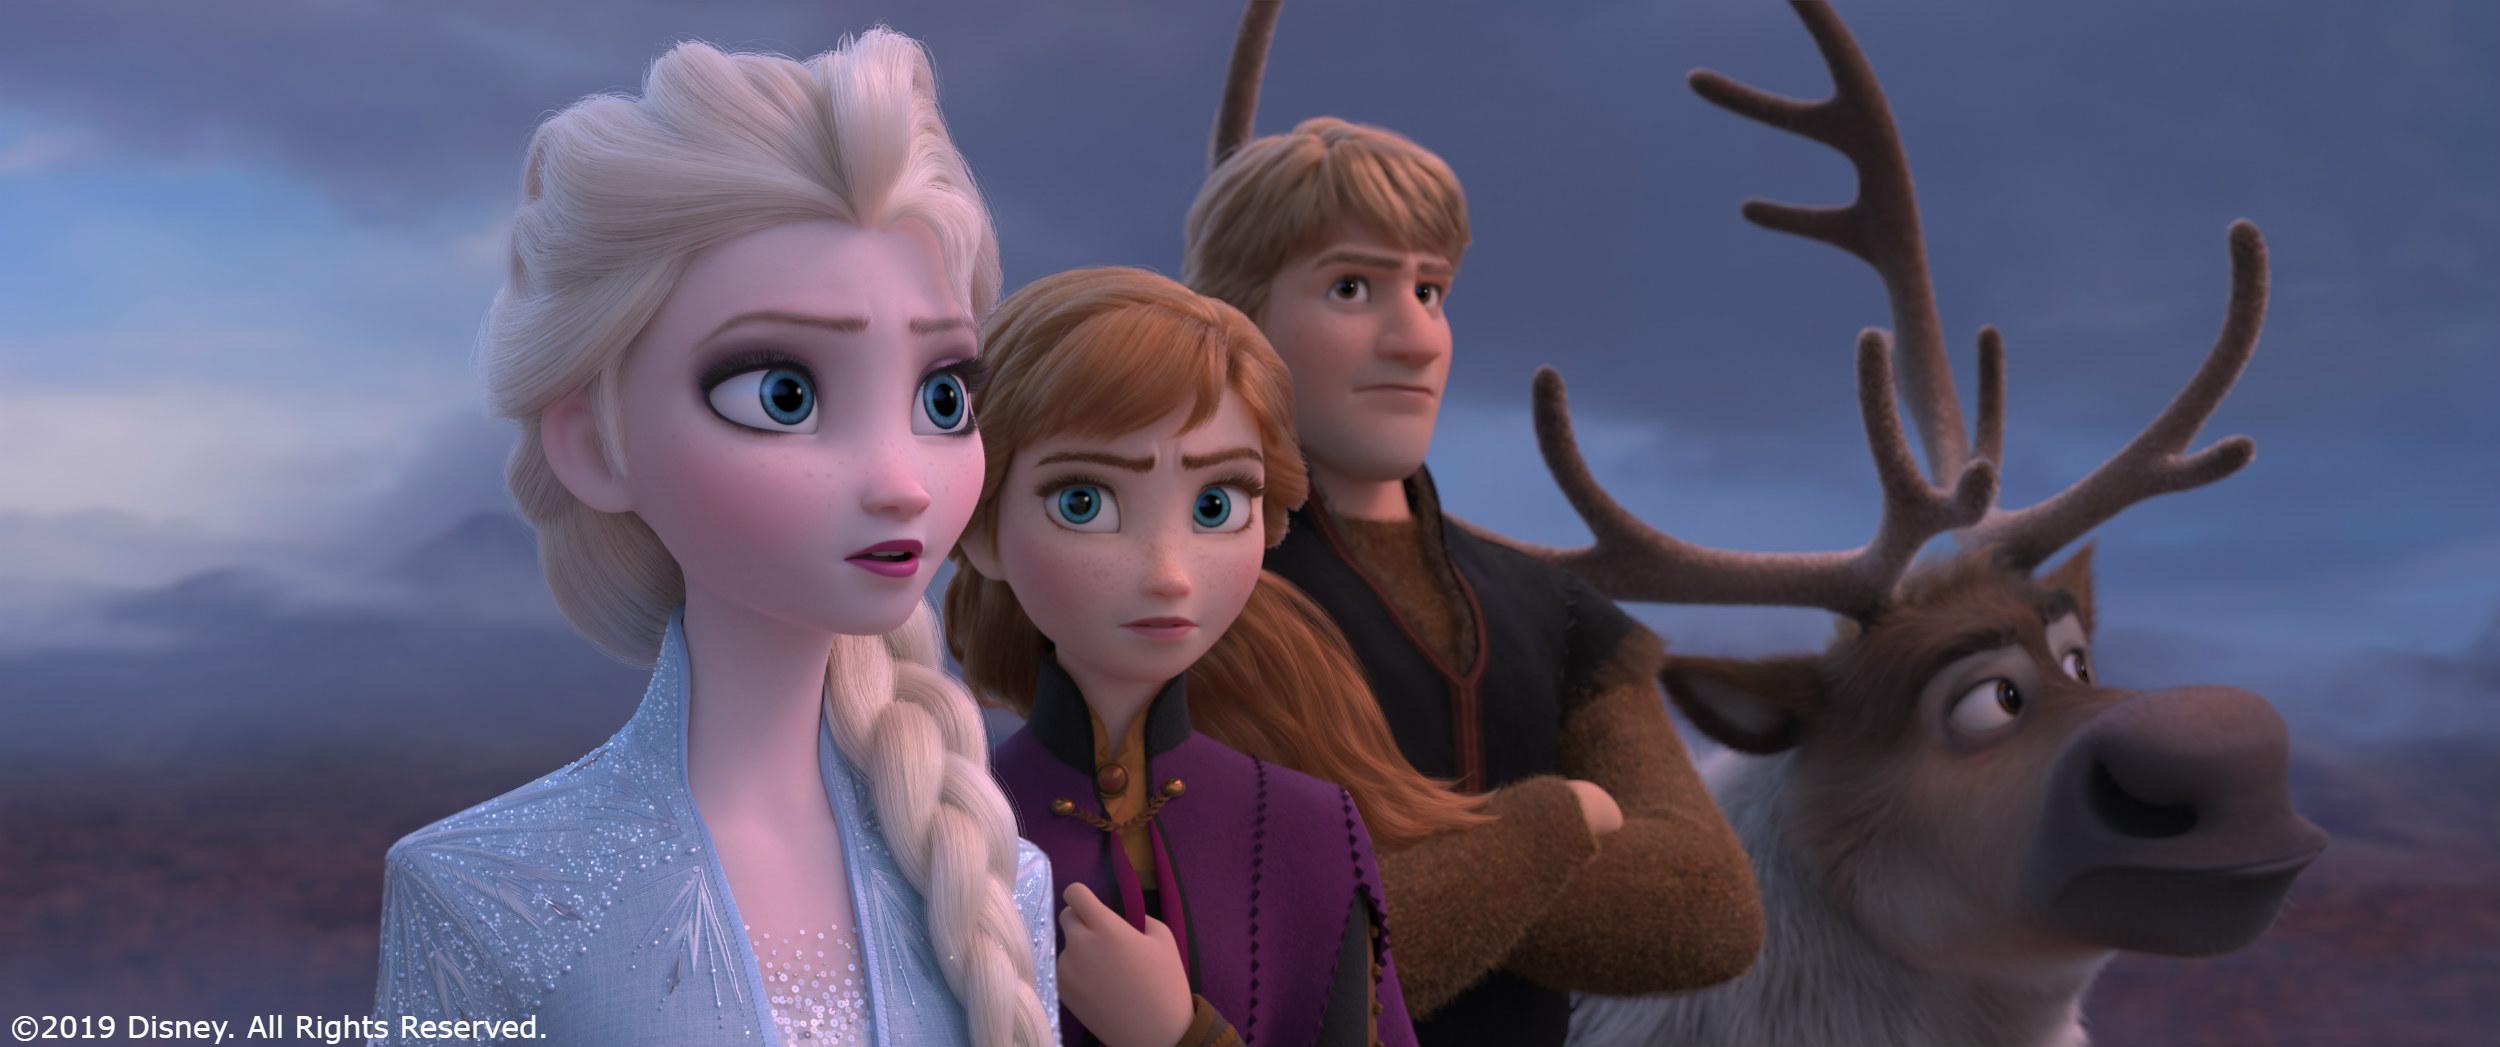 『アナ雪2』メイン曲「イントゥ・ジ・アンノウン」で注目の歌姫・オーロラ! 「愛の戦士としての心の葛藤」を歌った曲とは